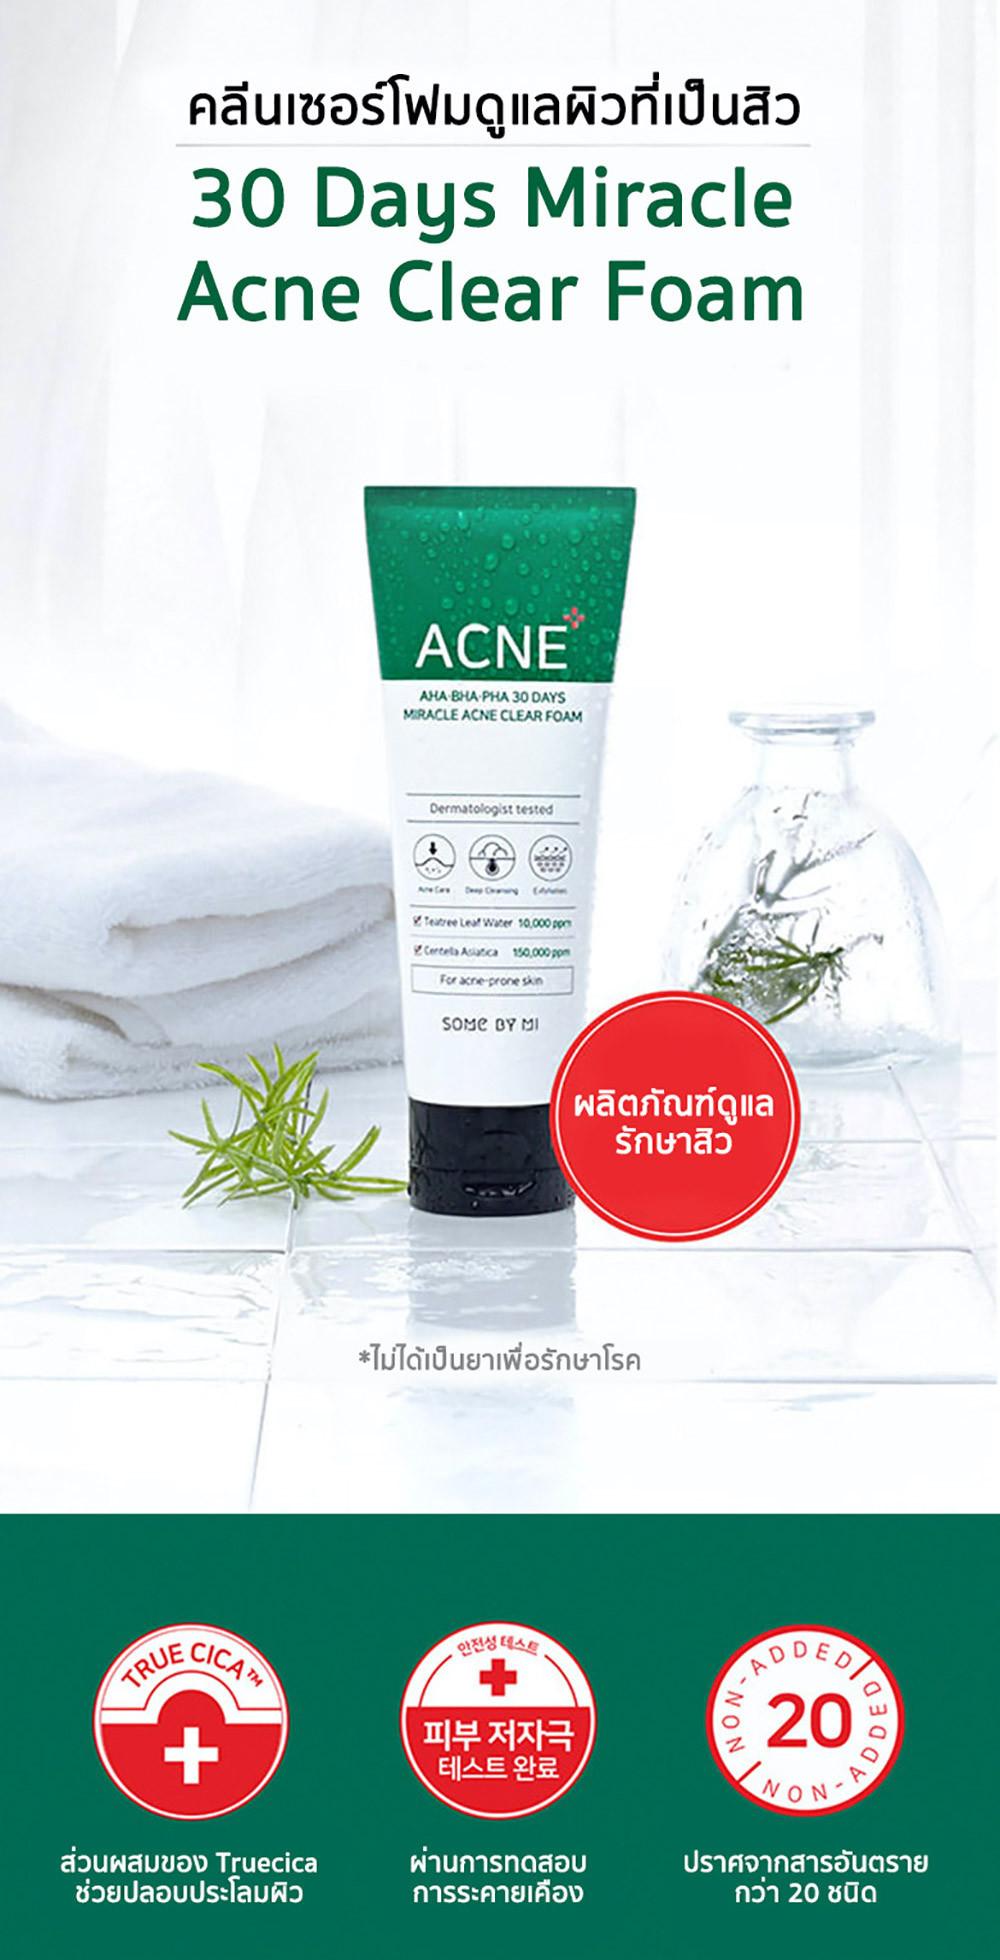 03---sbm-acne-clear-foam-2.jpg